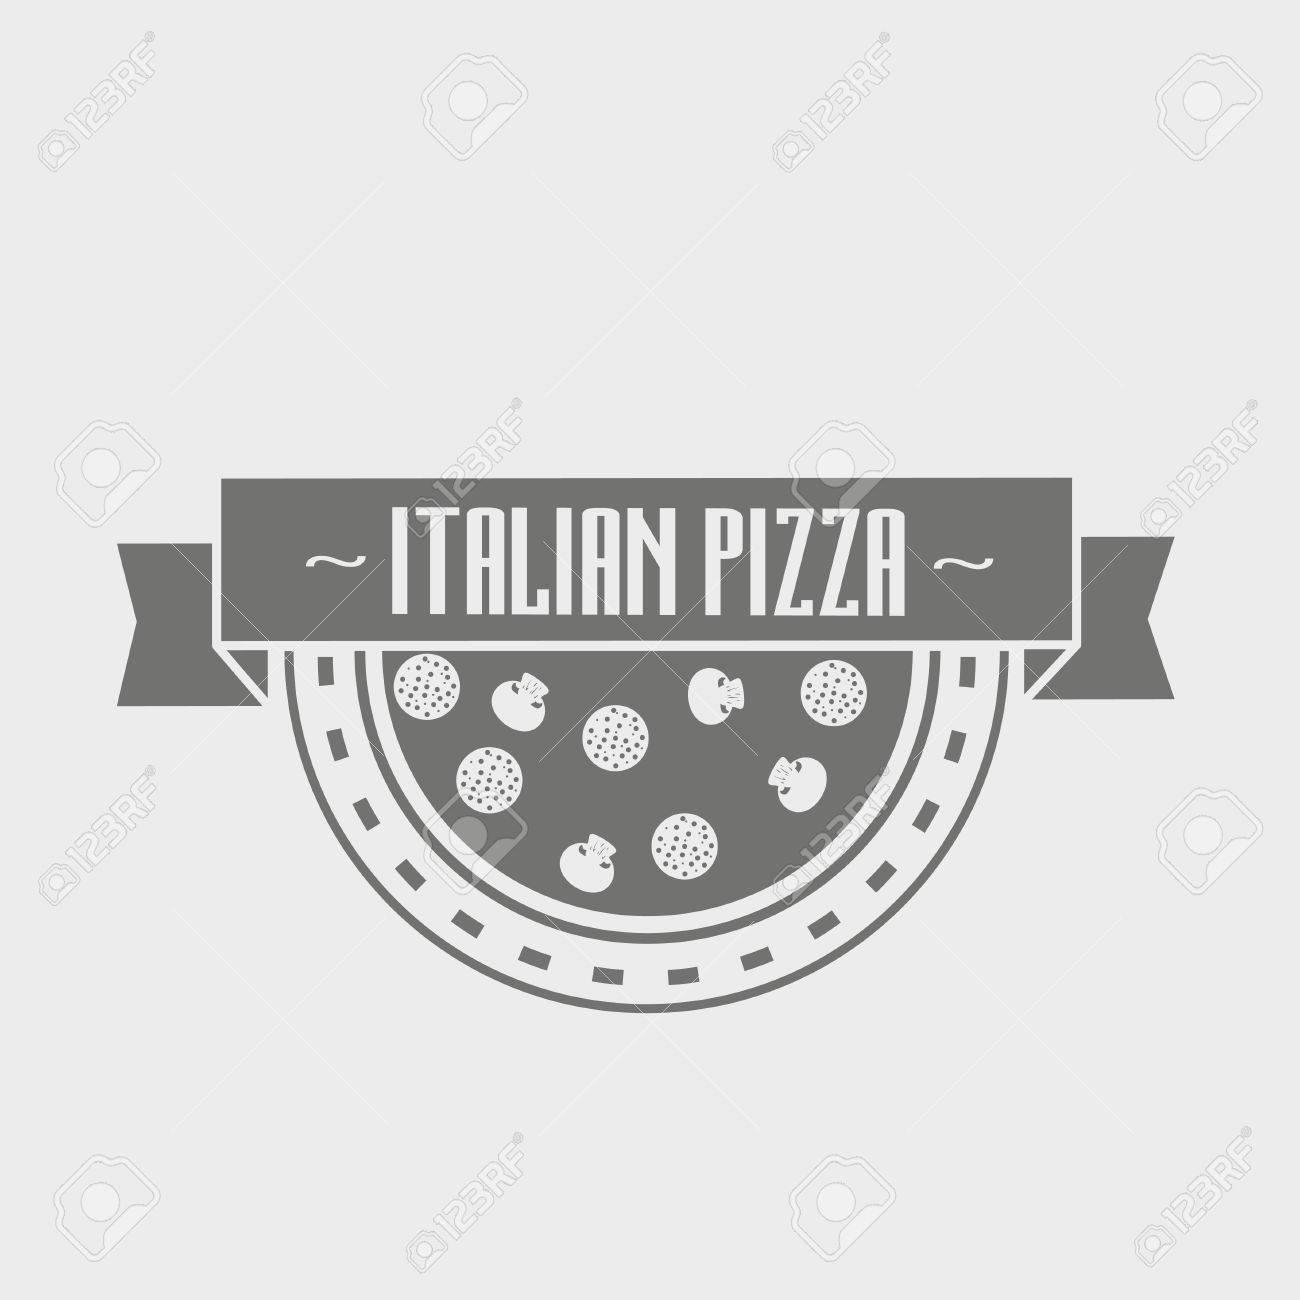 Concept De Logotype Pizzeria Peut Tre Utilis Pour Concevoir